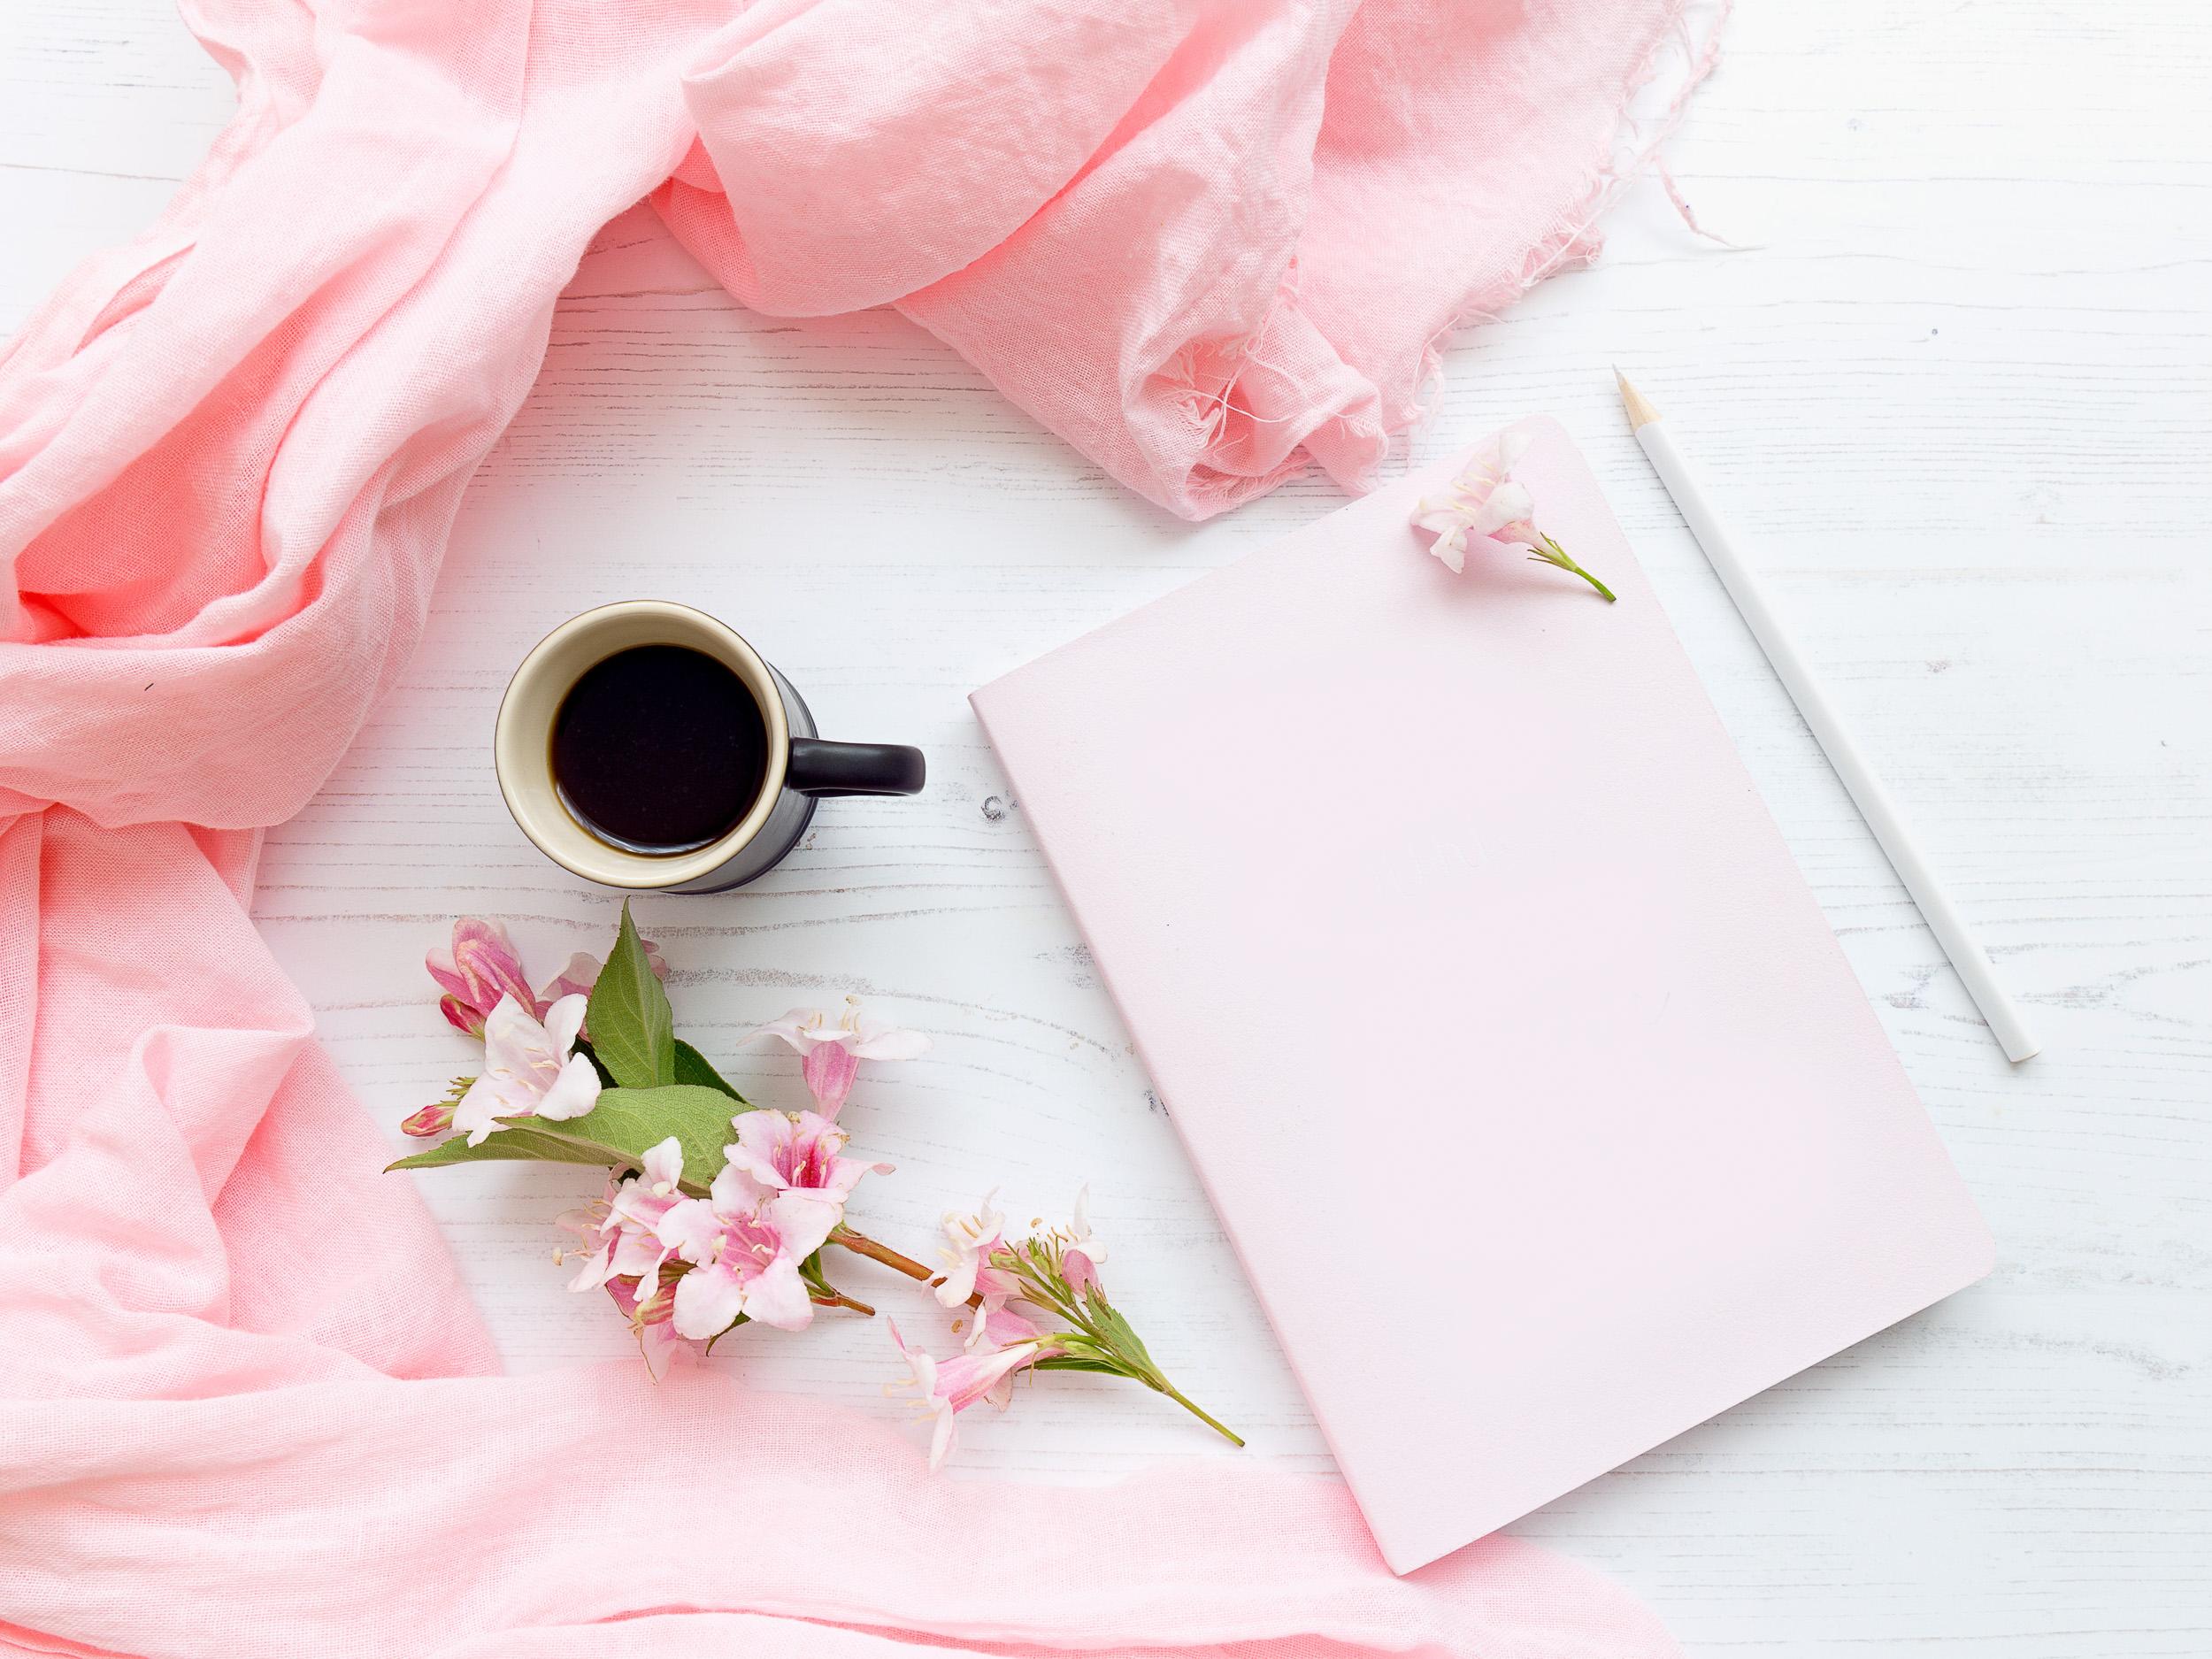 Etsy-Pink_Flatlay_Notebook_Coffee_LouiseHowell-4874.jpg